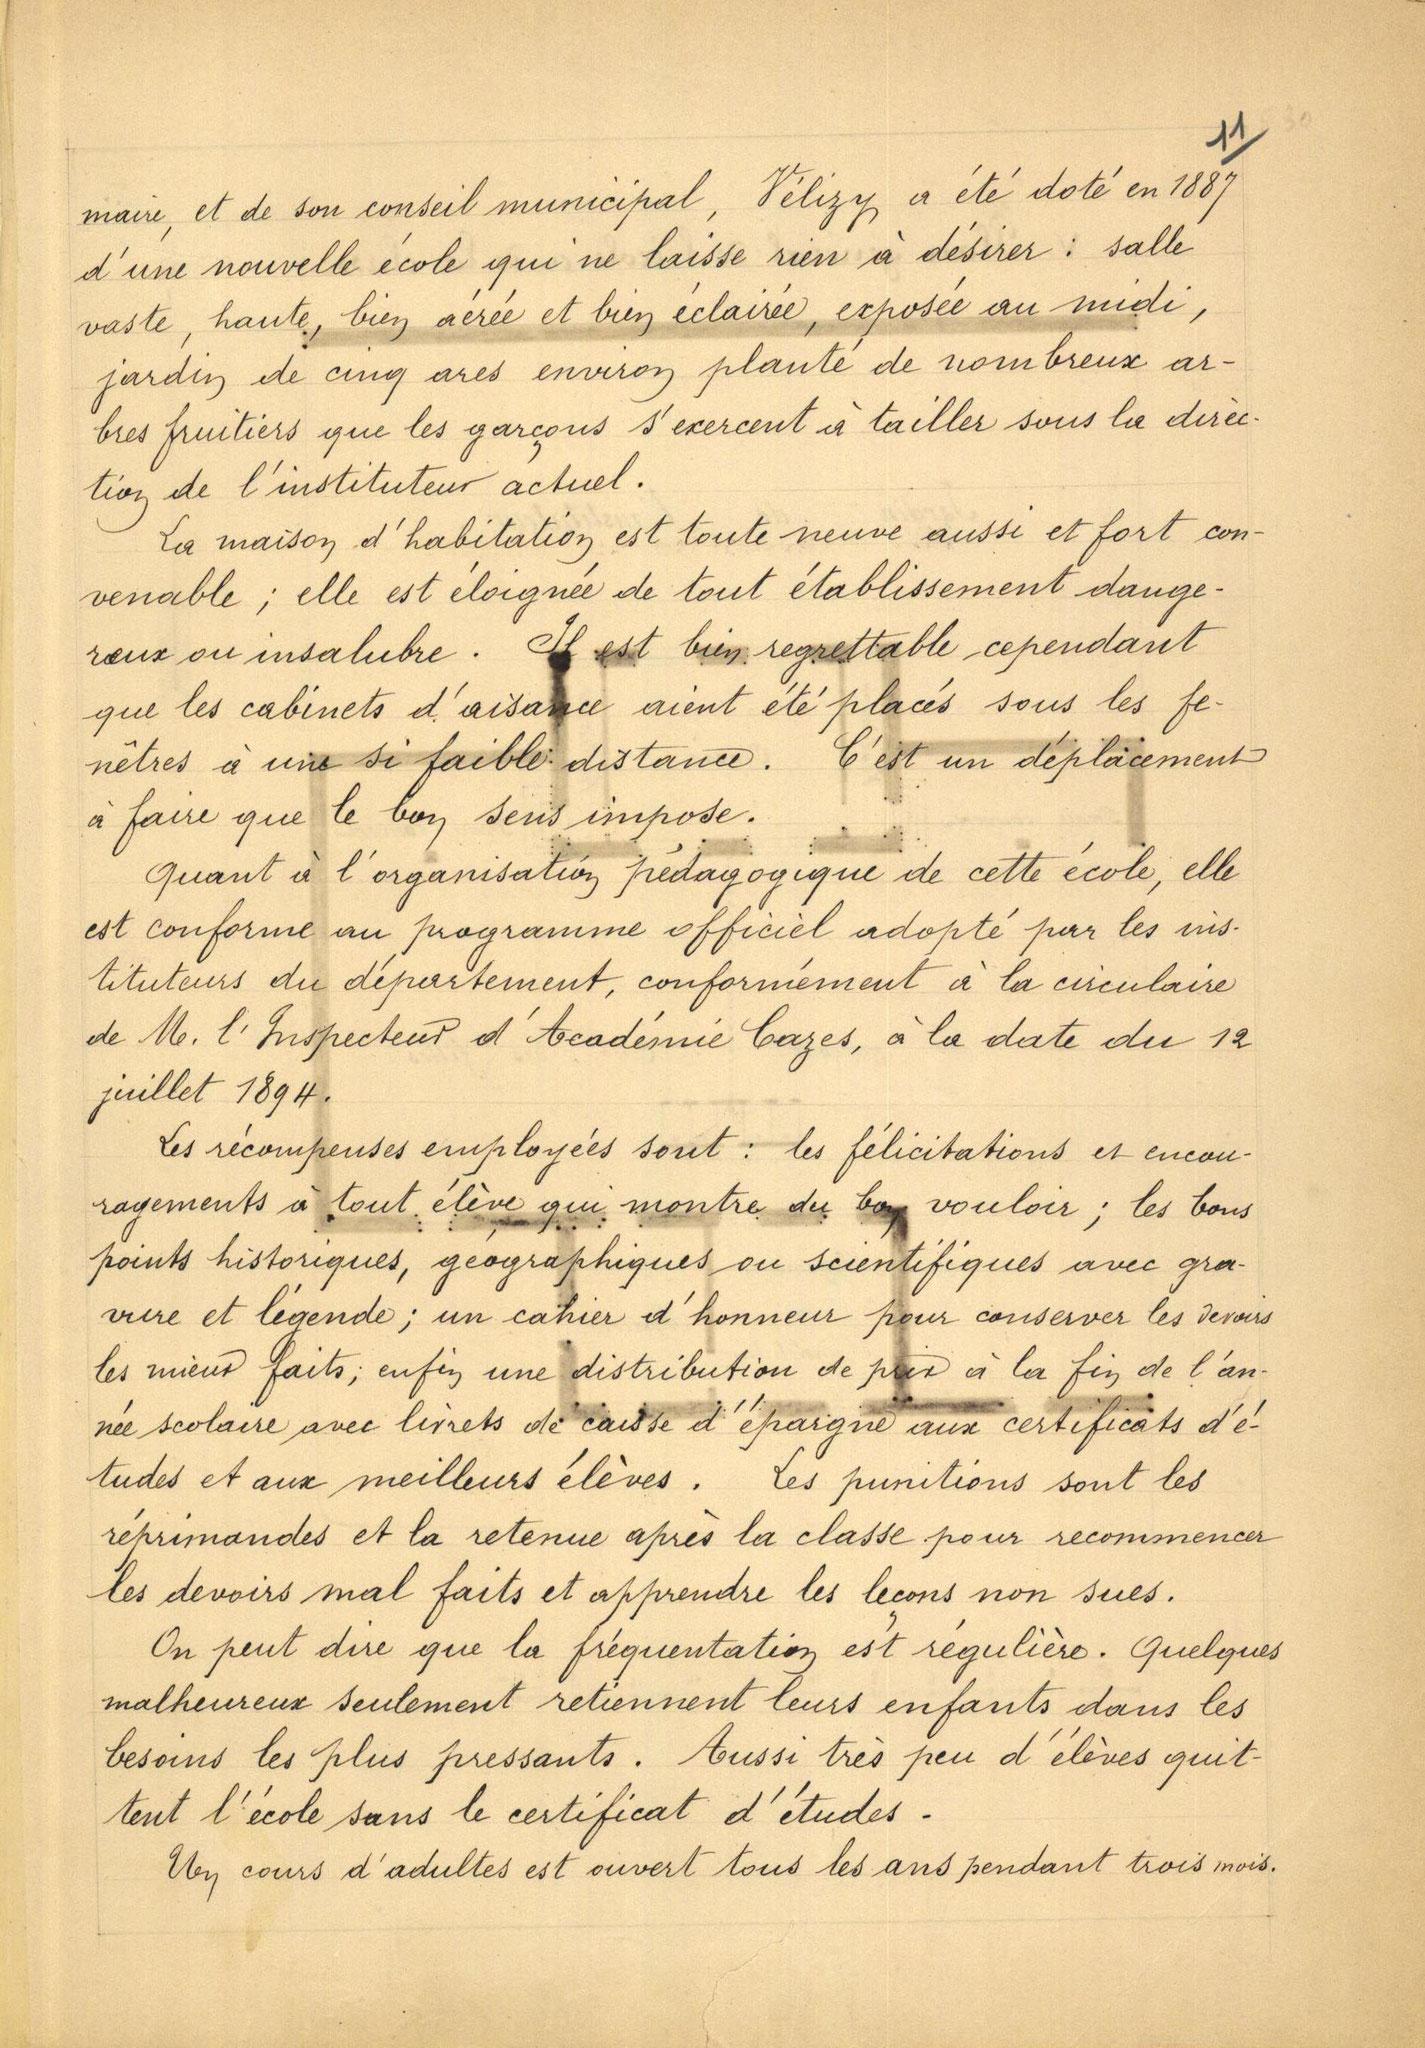 Page 11 - Monographie communale de l'instituteur de Vélizy, 1899